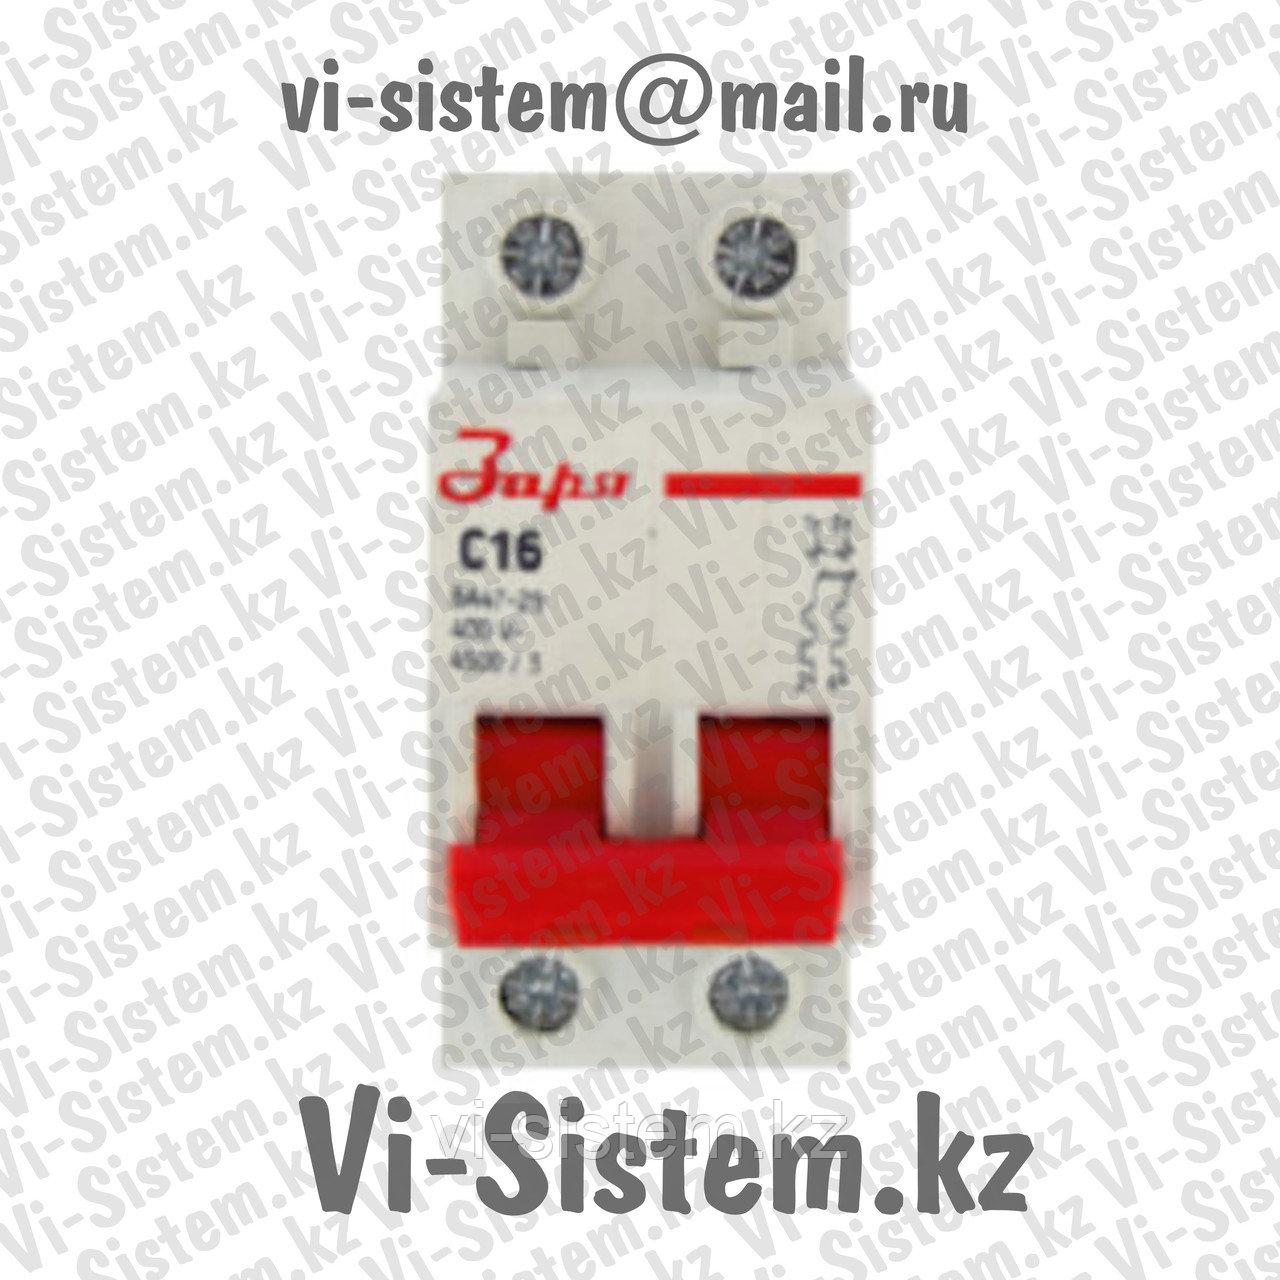 Автоматический выключатель Заря C16 2P-16A